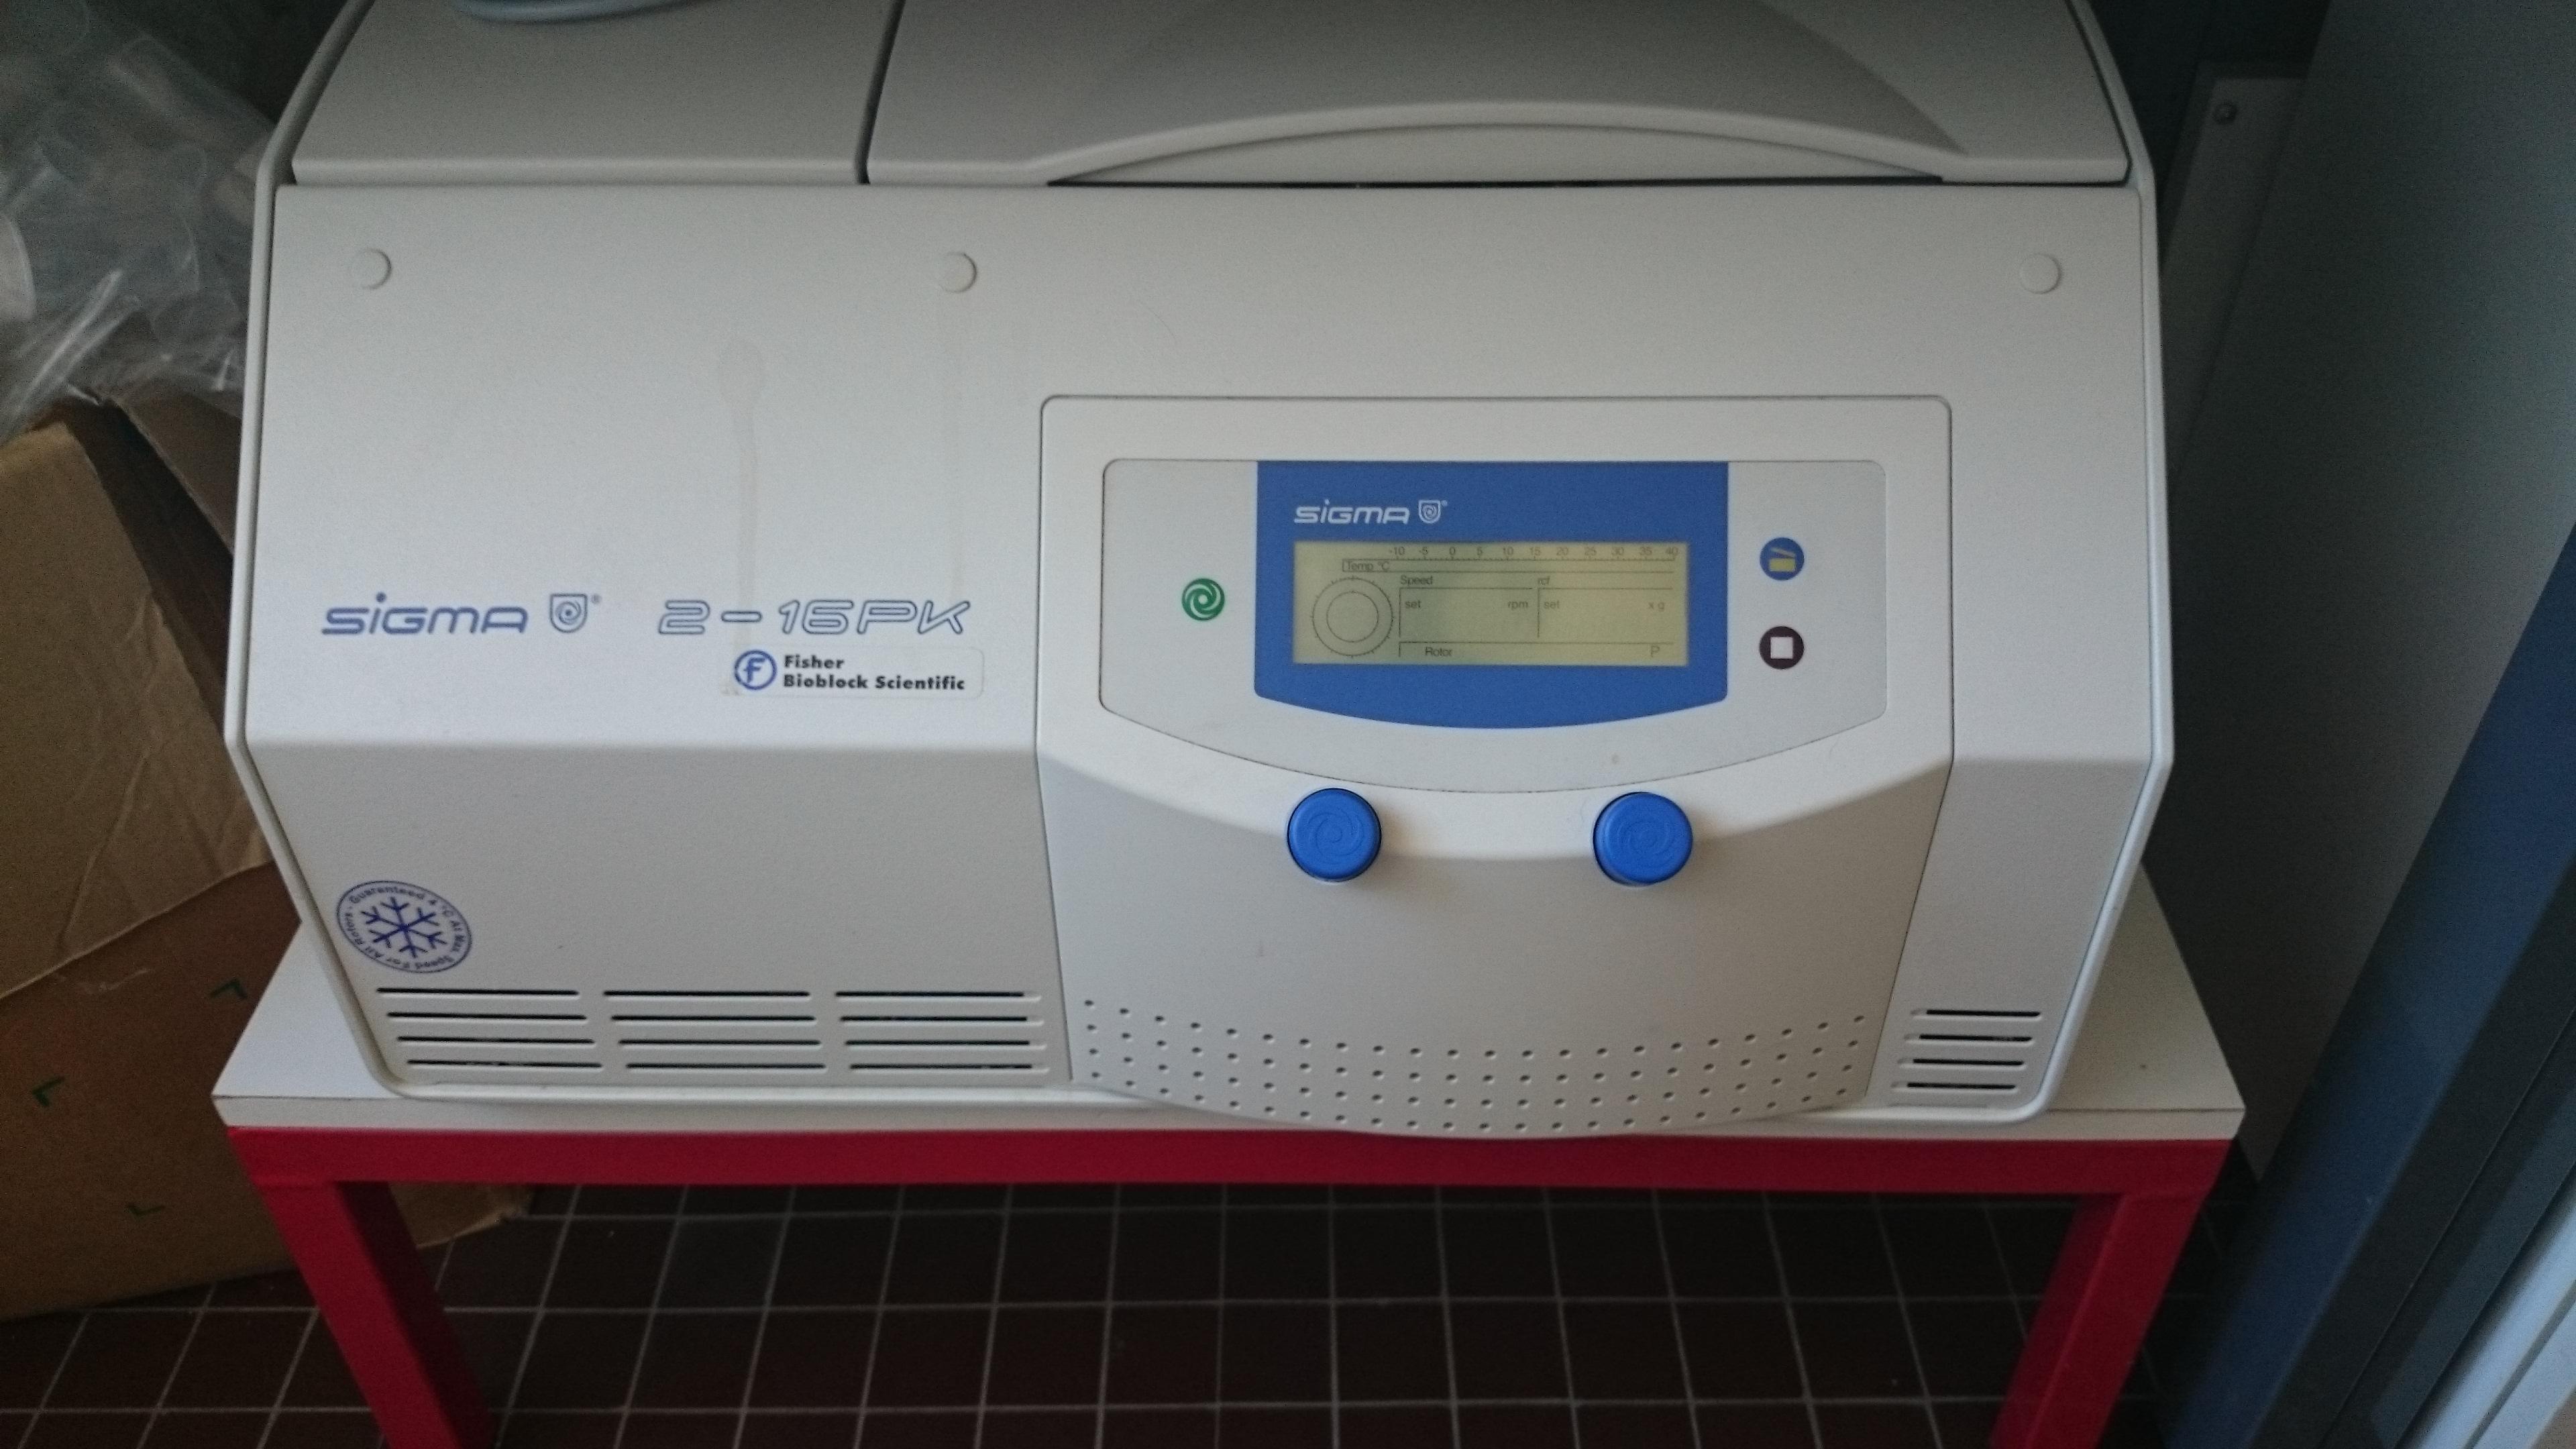 Centrifugation : Centrifugeuses Sigma 2-16PK et Thermo Heraeus Multifuge X1R